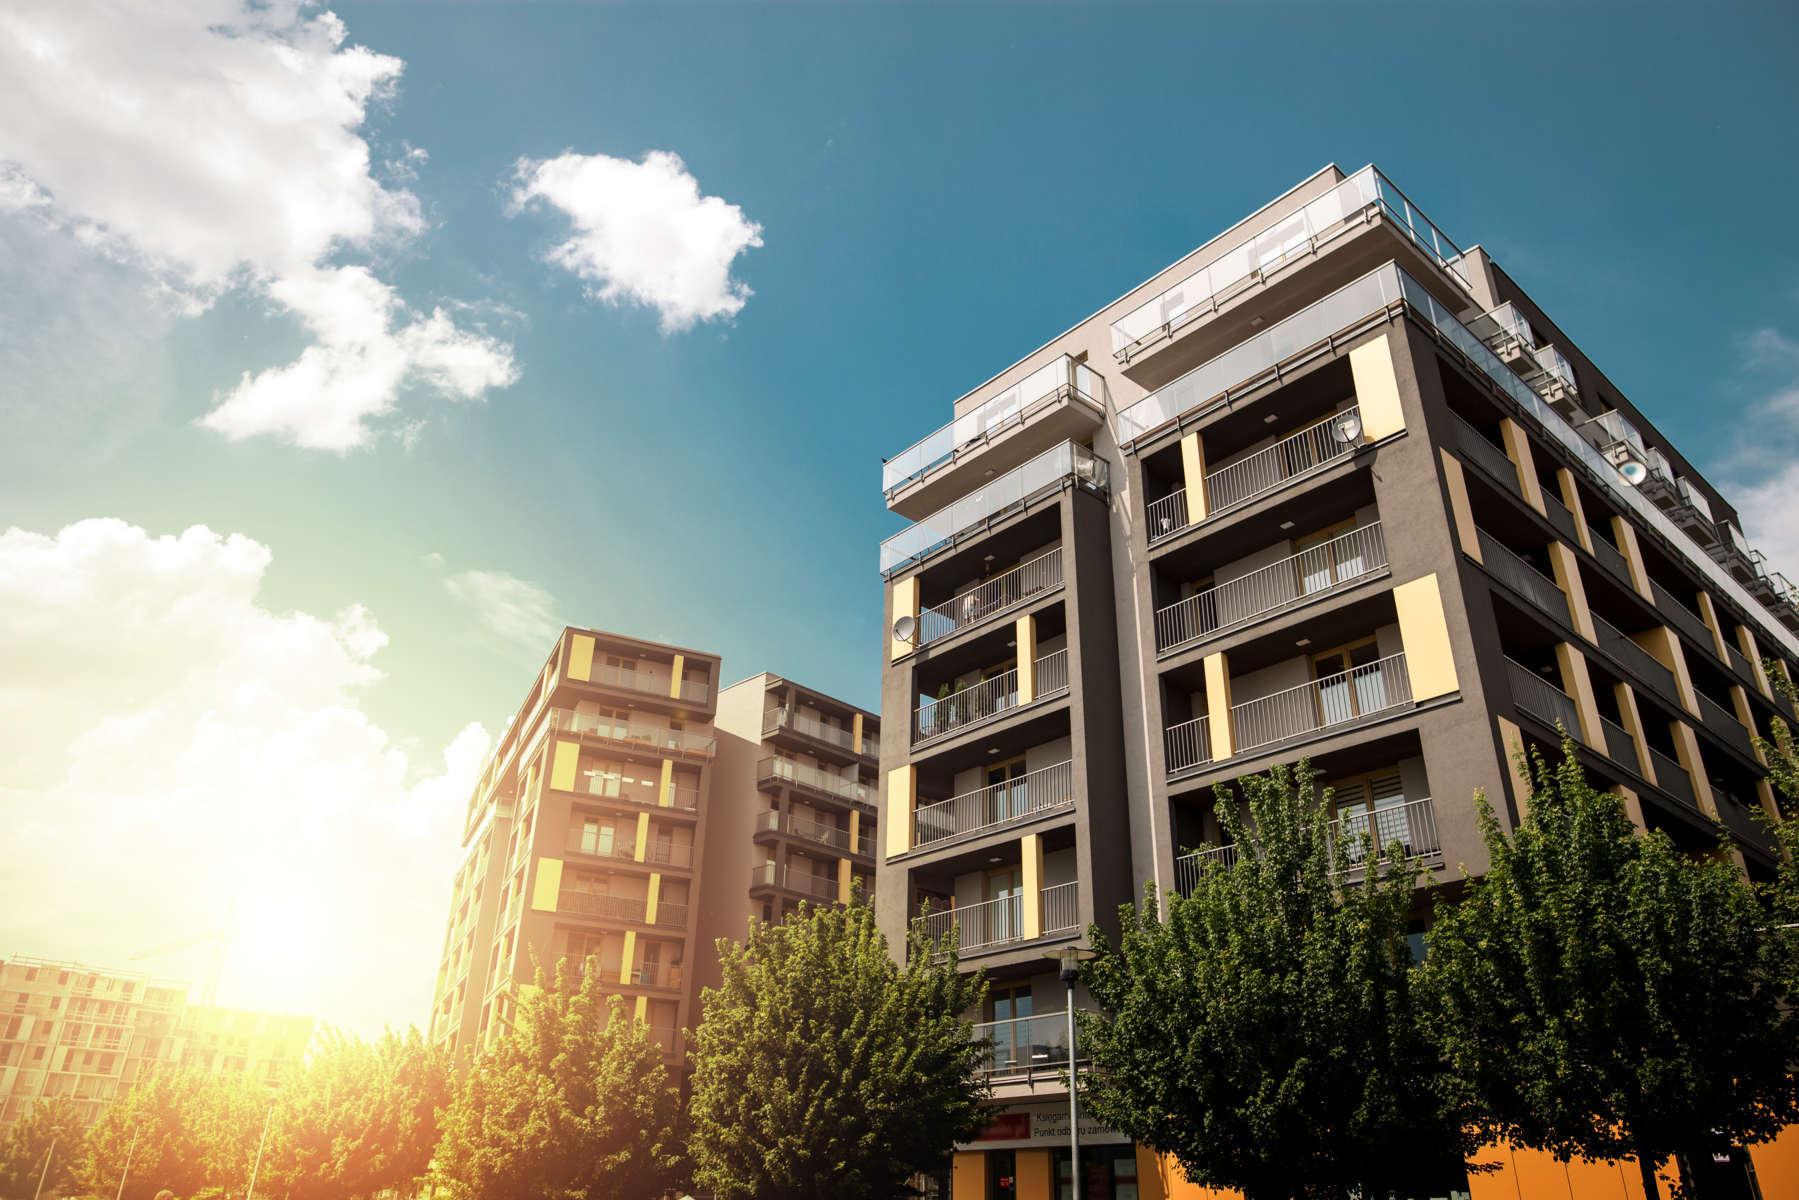 Sigue aumentando la demanda de cerramientos de terraza a través de Internet